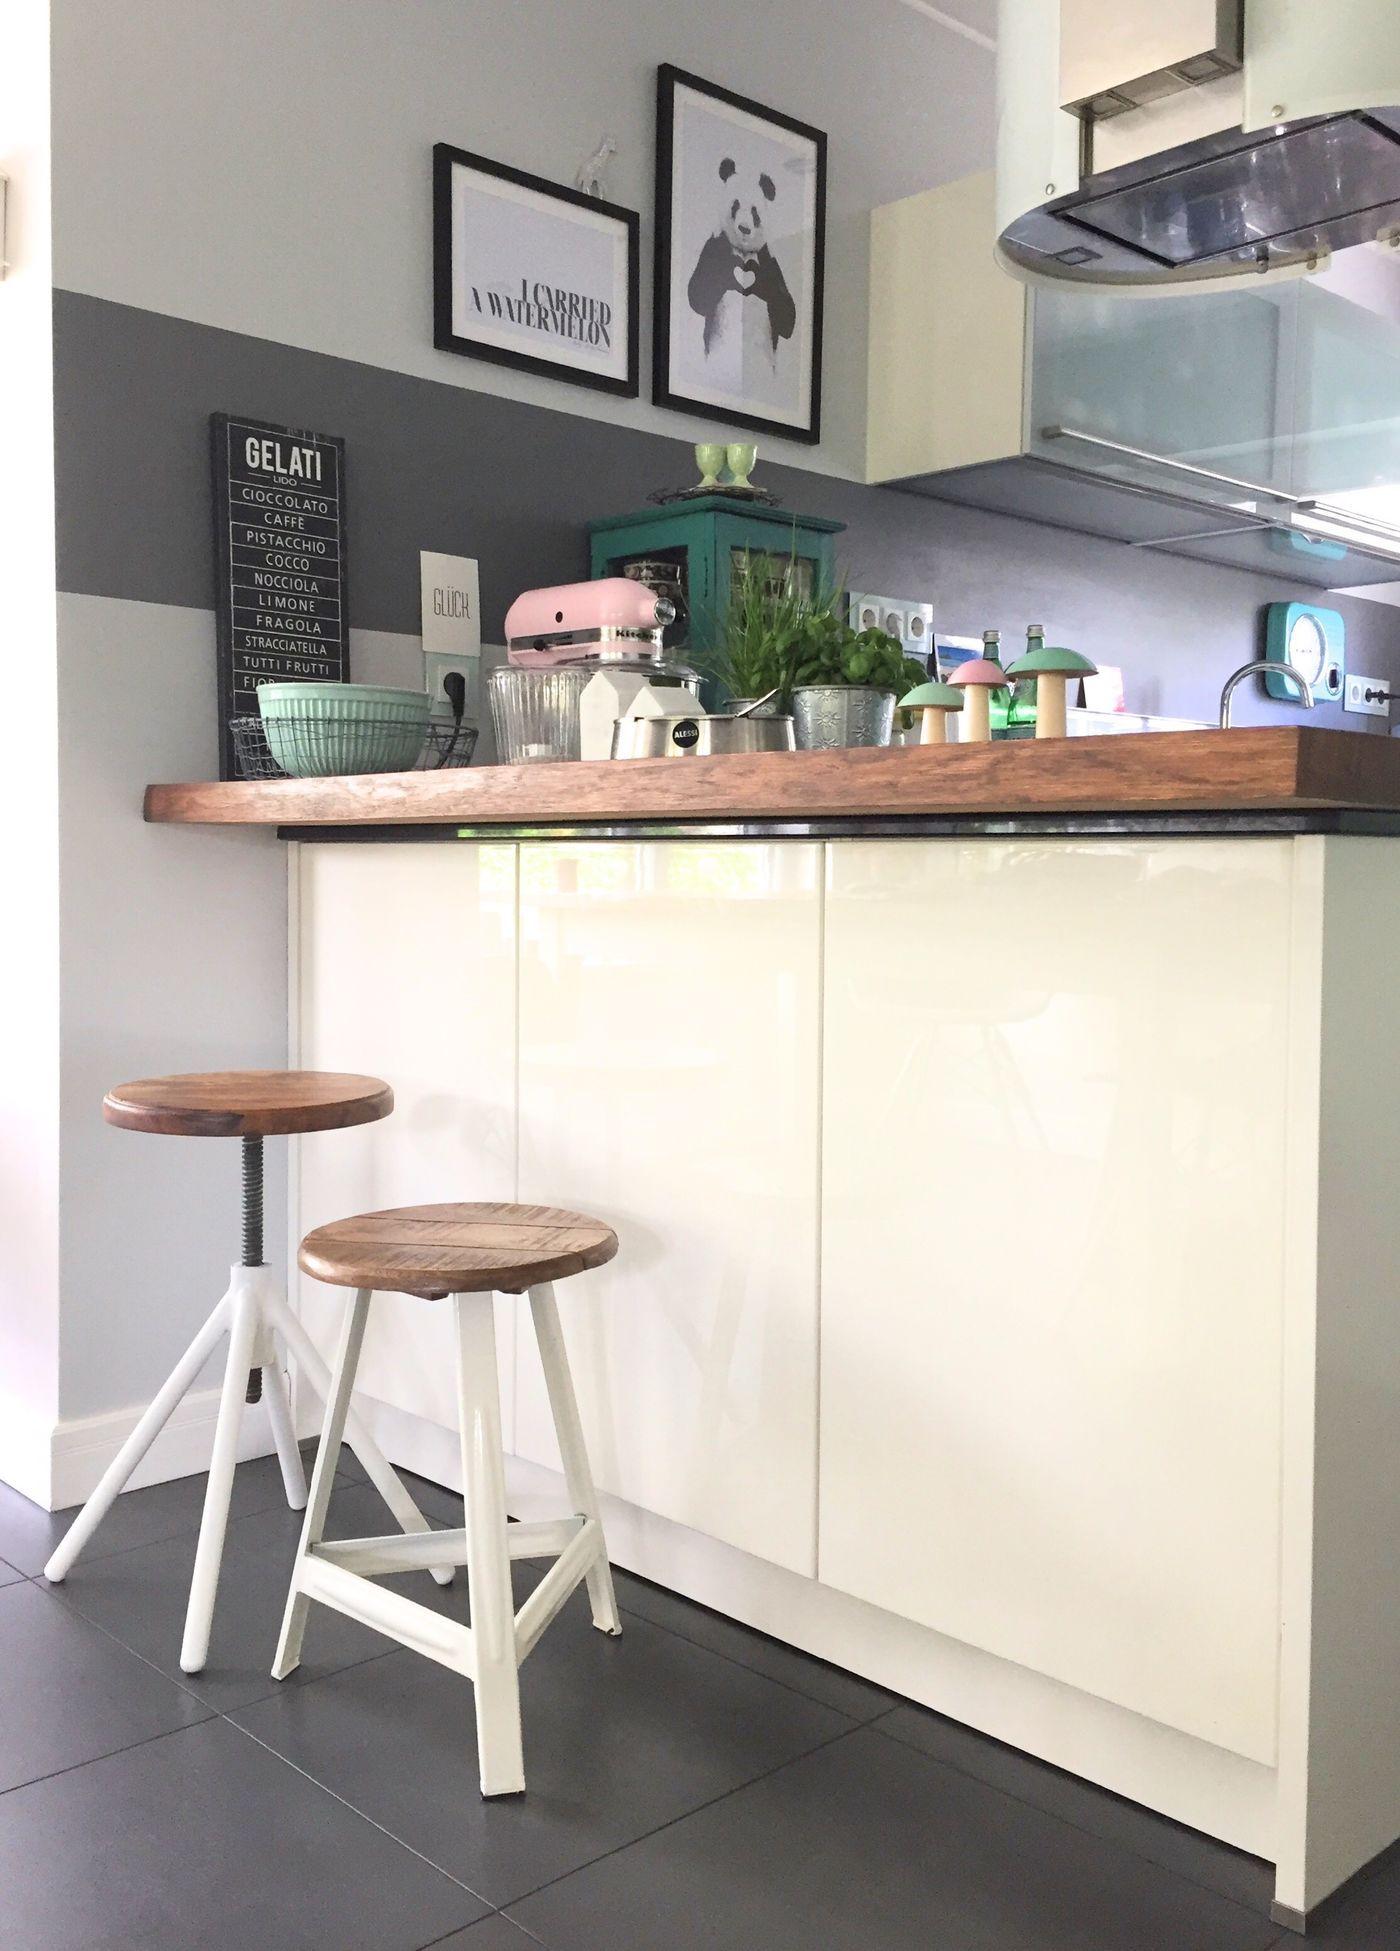 Fantastisch Dekorieren Küchentheken Fotos - Ideen Für Die Küche ...